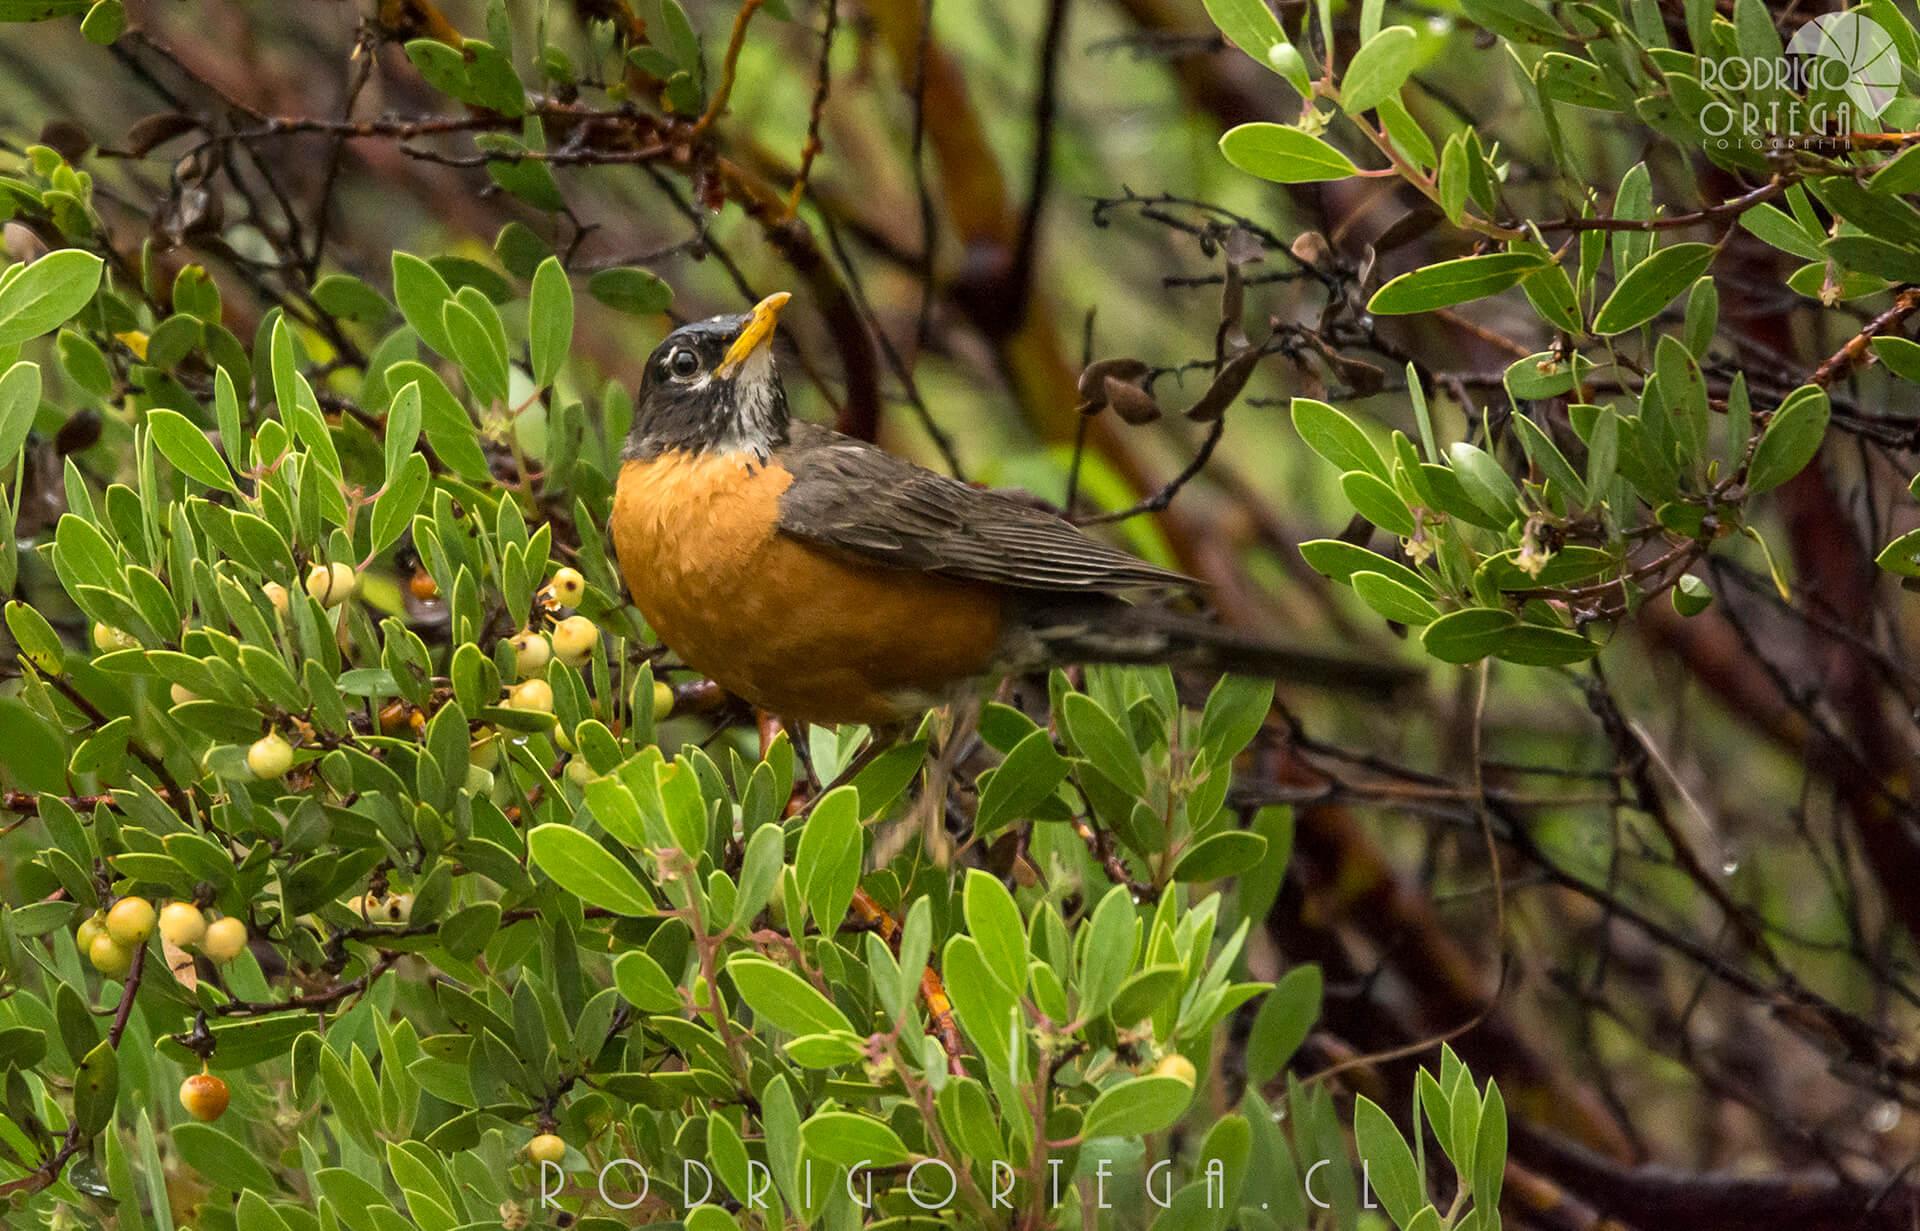 Mirlo primavera (Turdus migratorius)